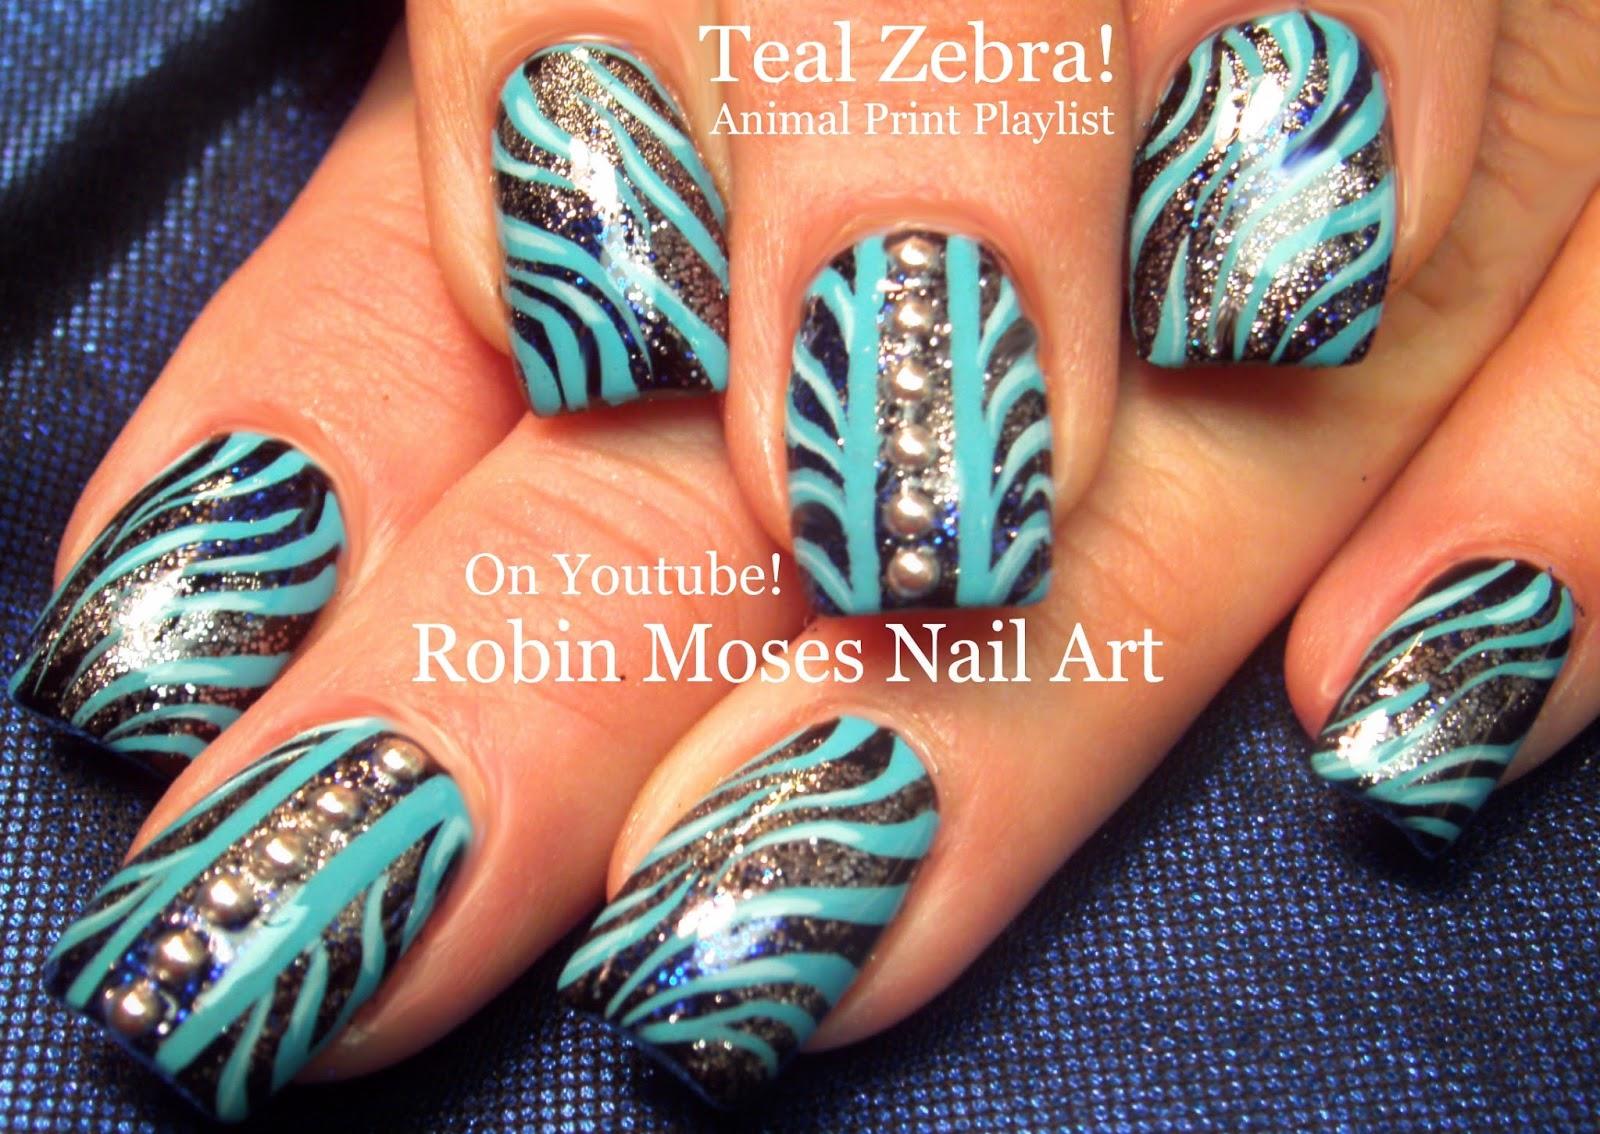 Robin moses nail art zebra print nails animal print nail art zebra print nails animal print nail art animal prints 2016 new animal print fun animal print zebra print nails nail art bling prinsesfo Images